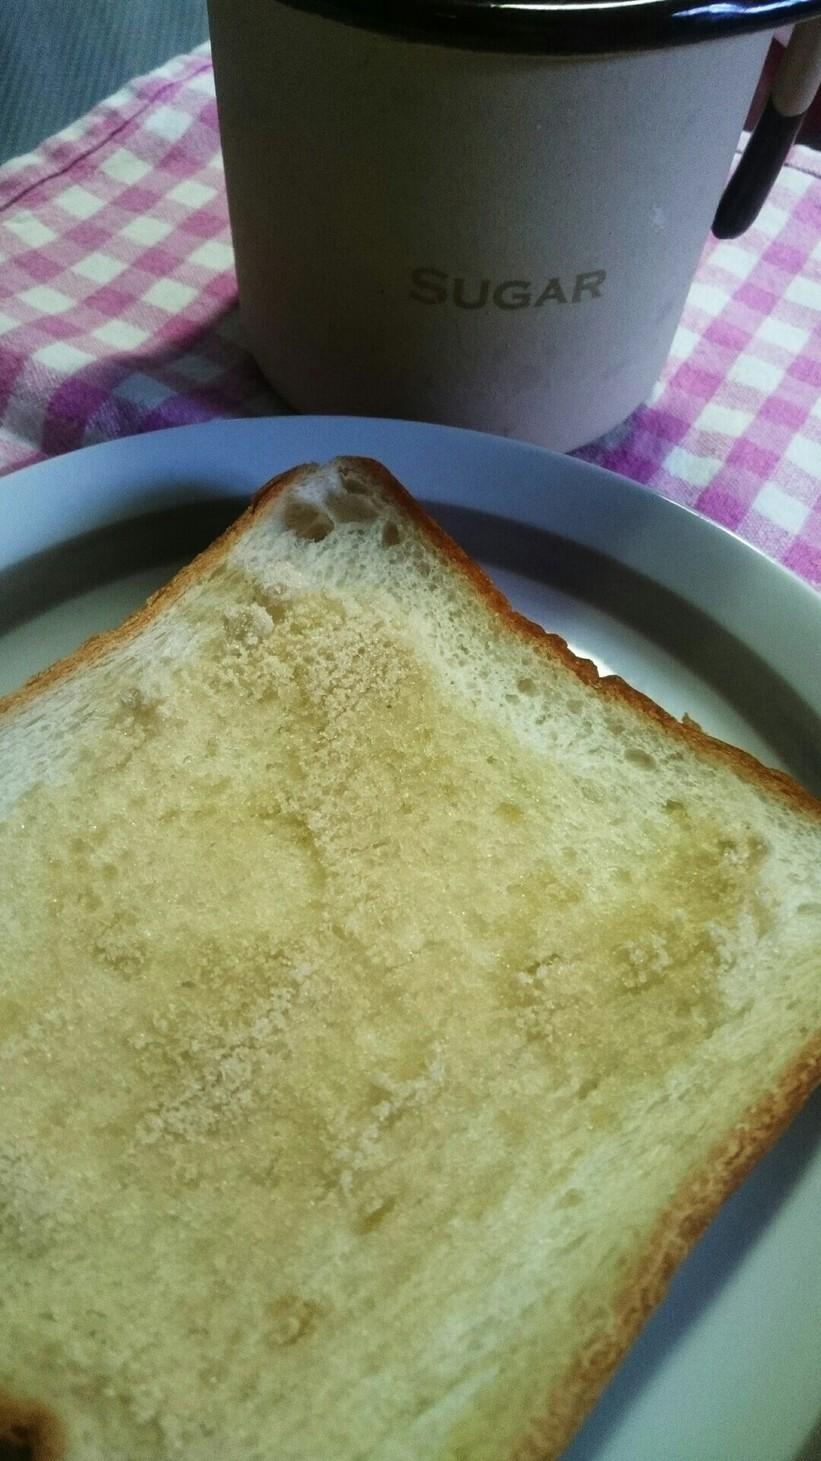 食パンにサッとかけた砂糖さん